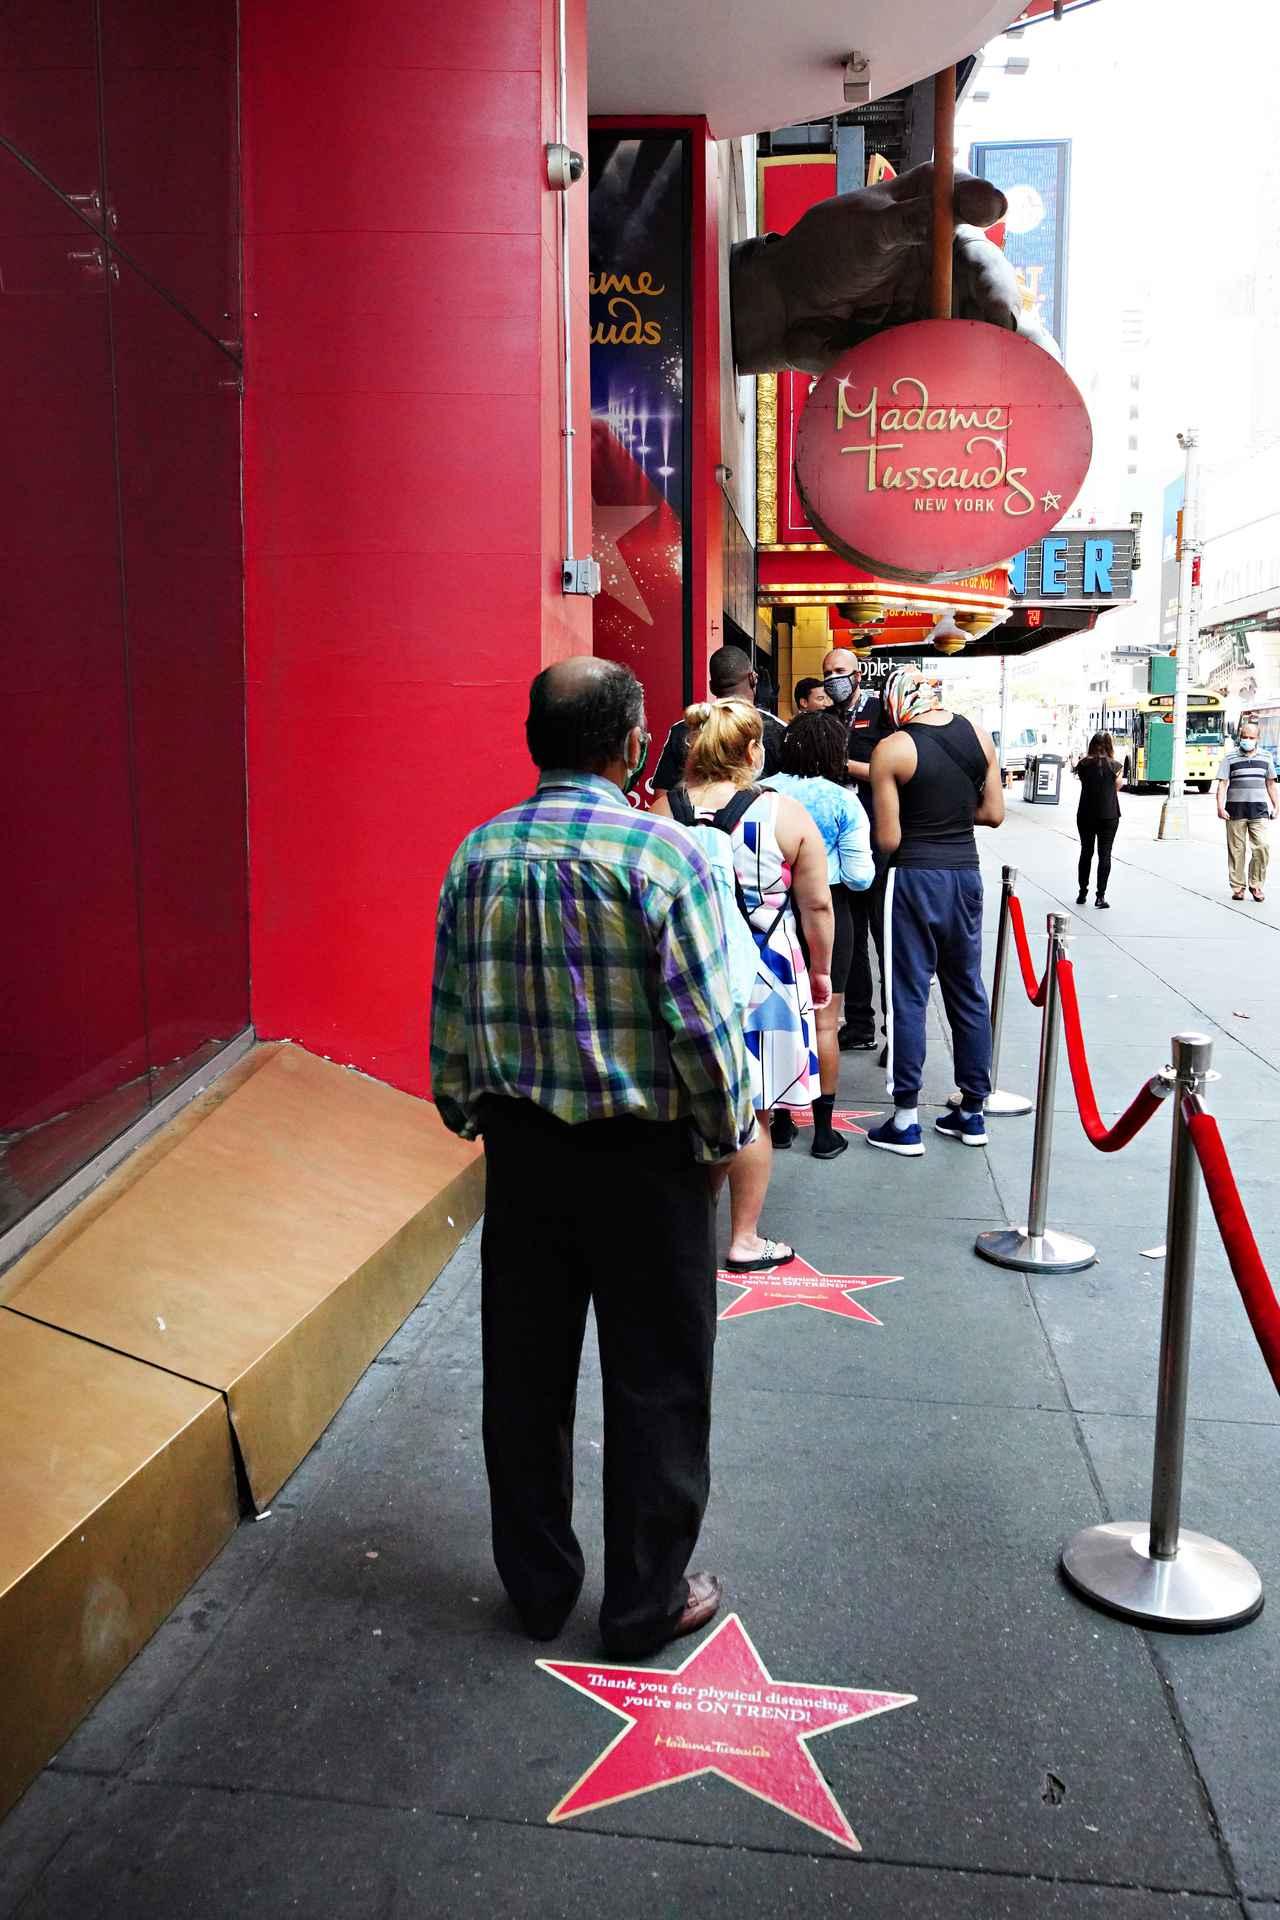 画像: マダム・タッソー ニューヨークの会場外には、並びながら密とならないように、等間隔で星マークが設置された。